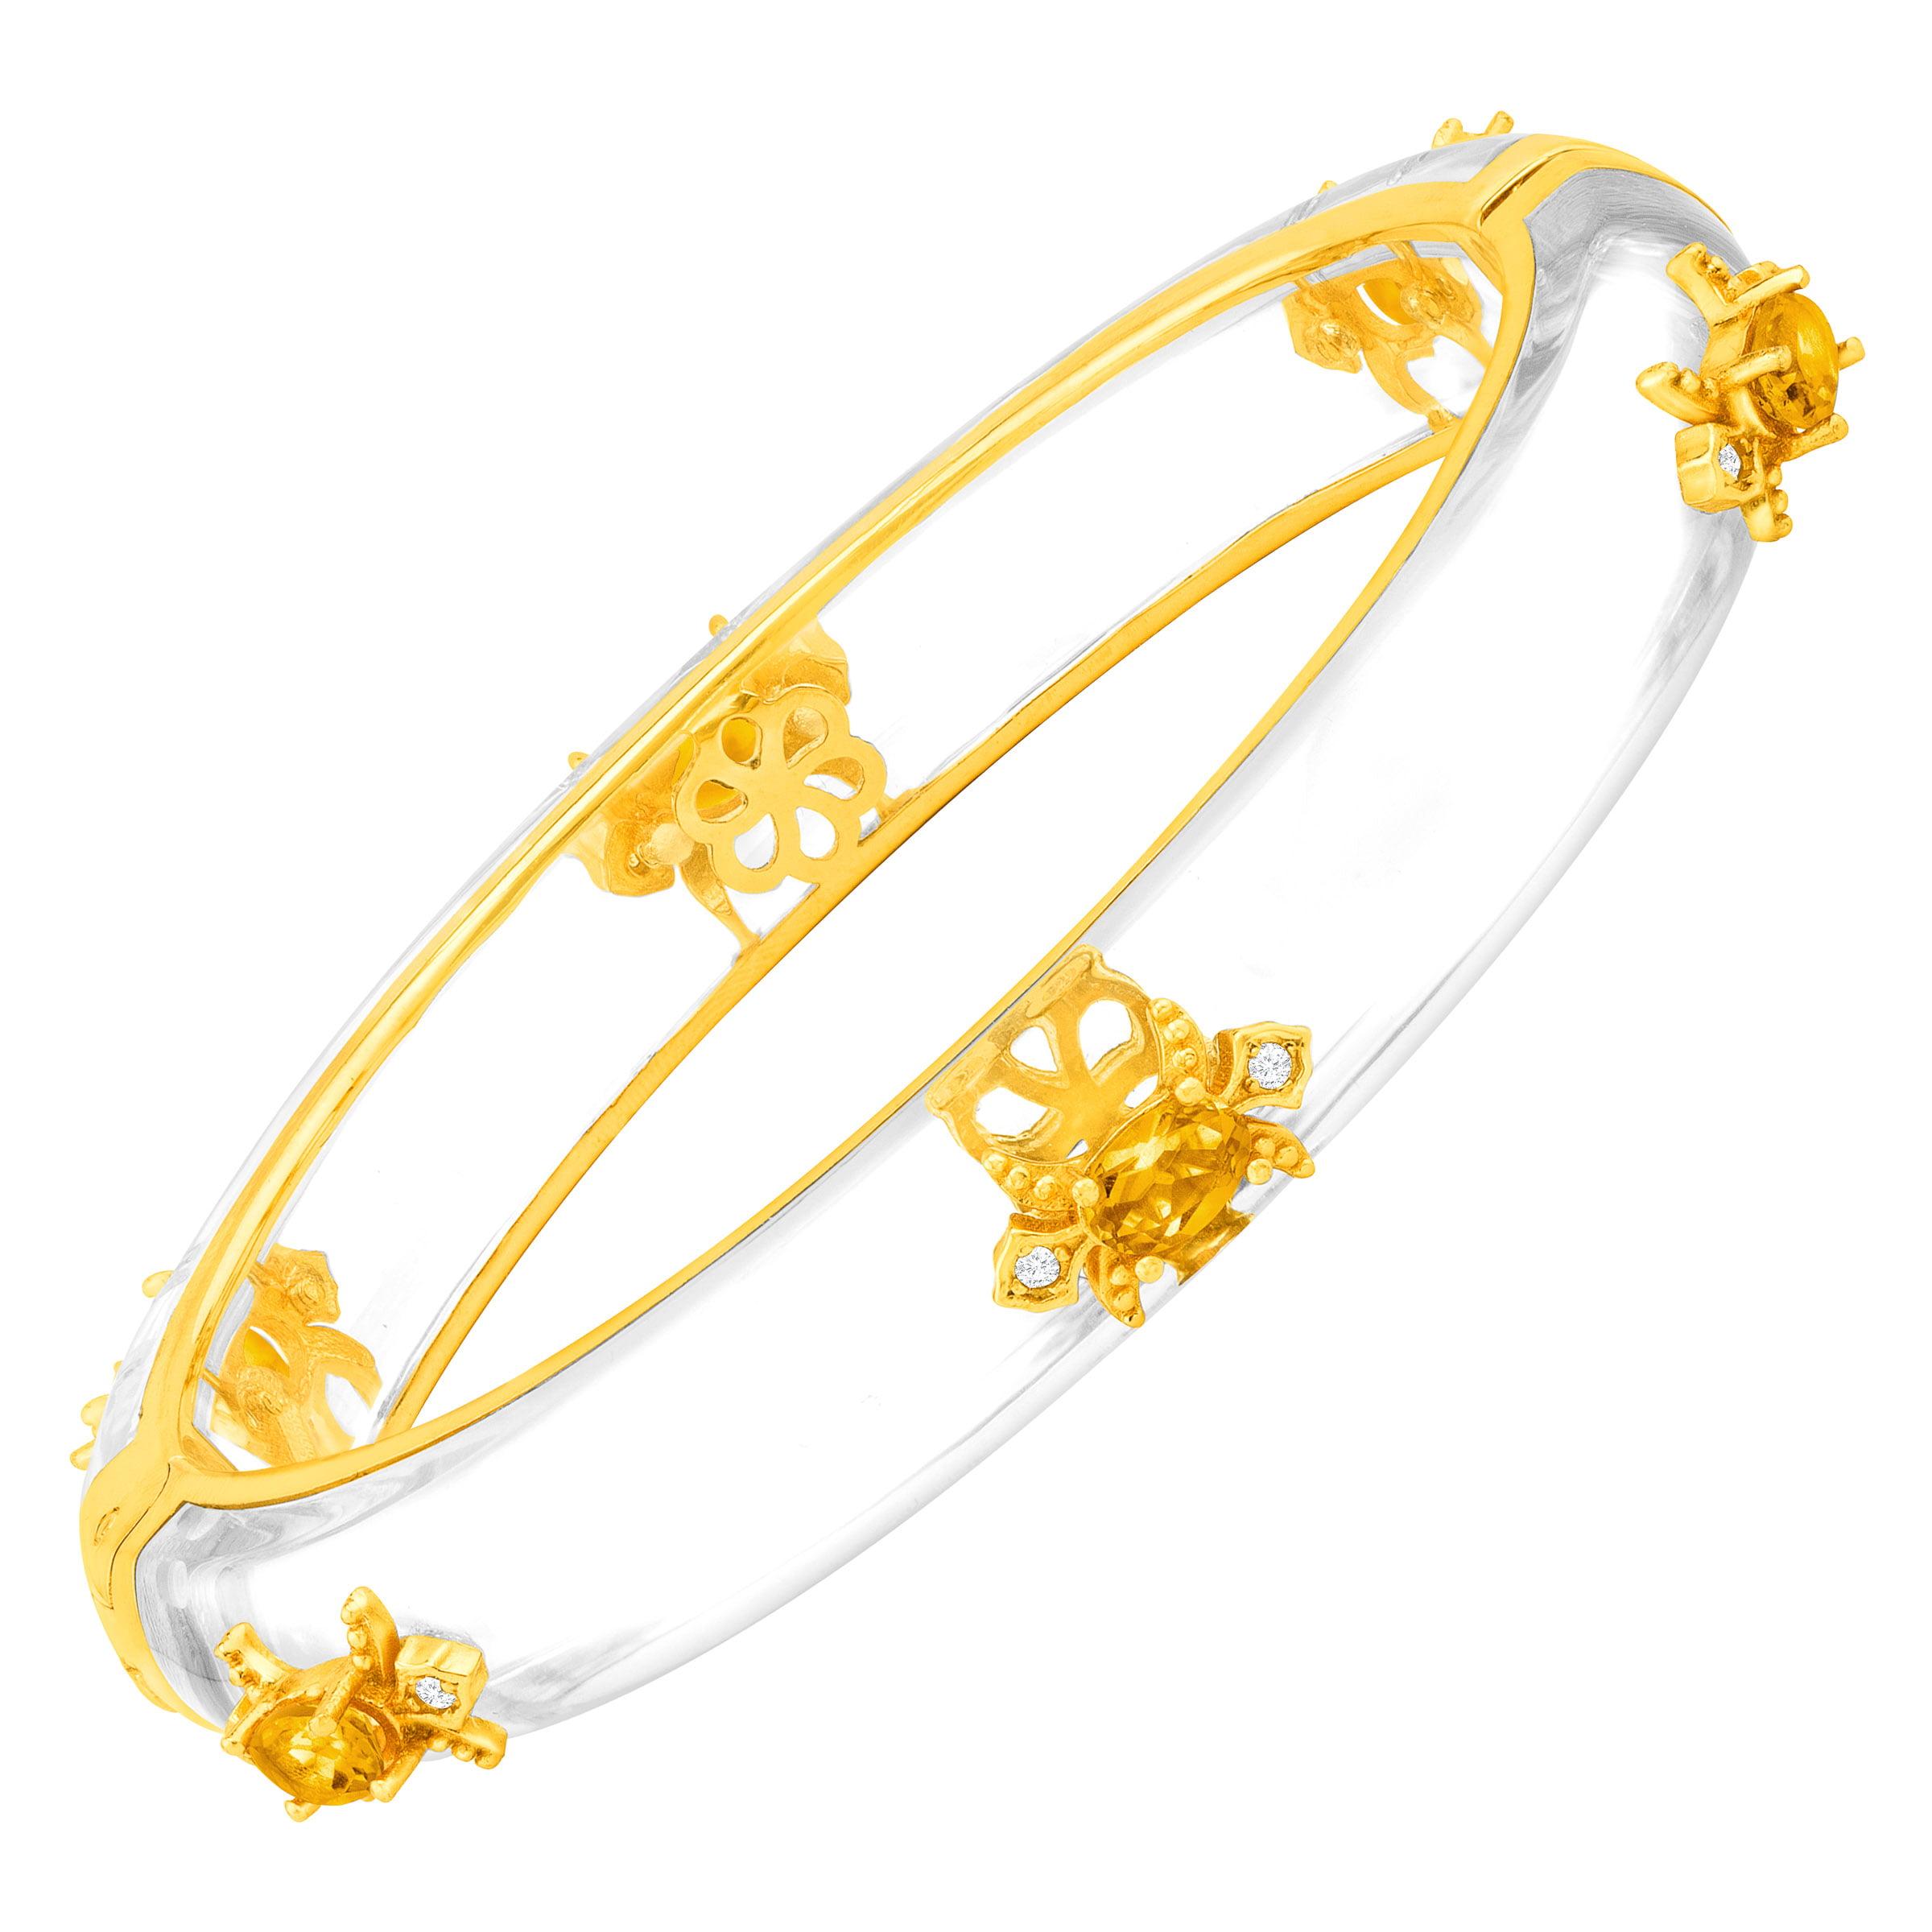 Cristina Sabatini Fleur De Lis Bangle Bracelet with Citrine in 18kt Gold-Plated Brass by Richline Group